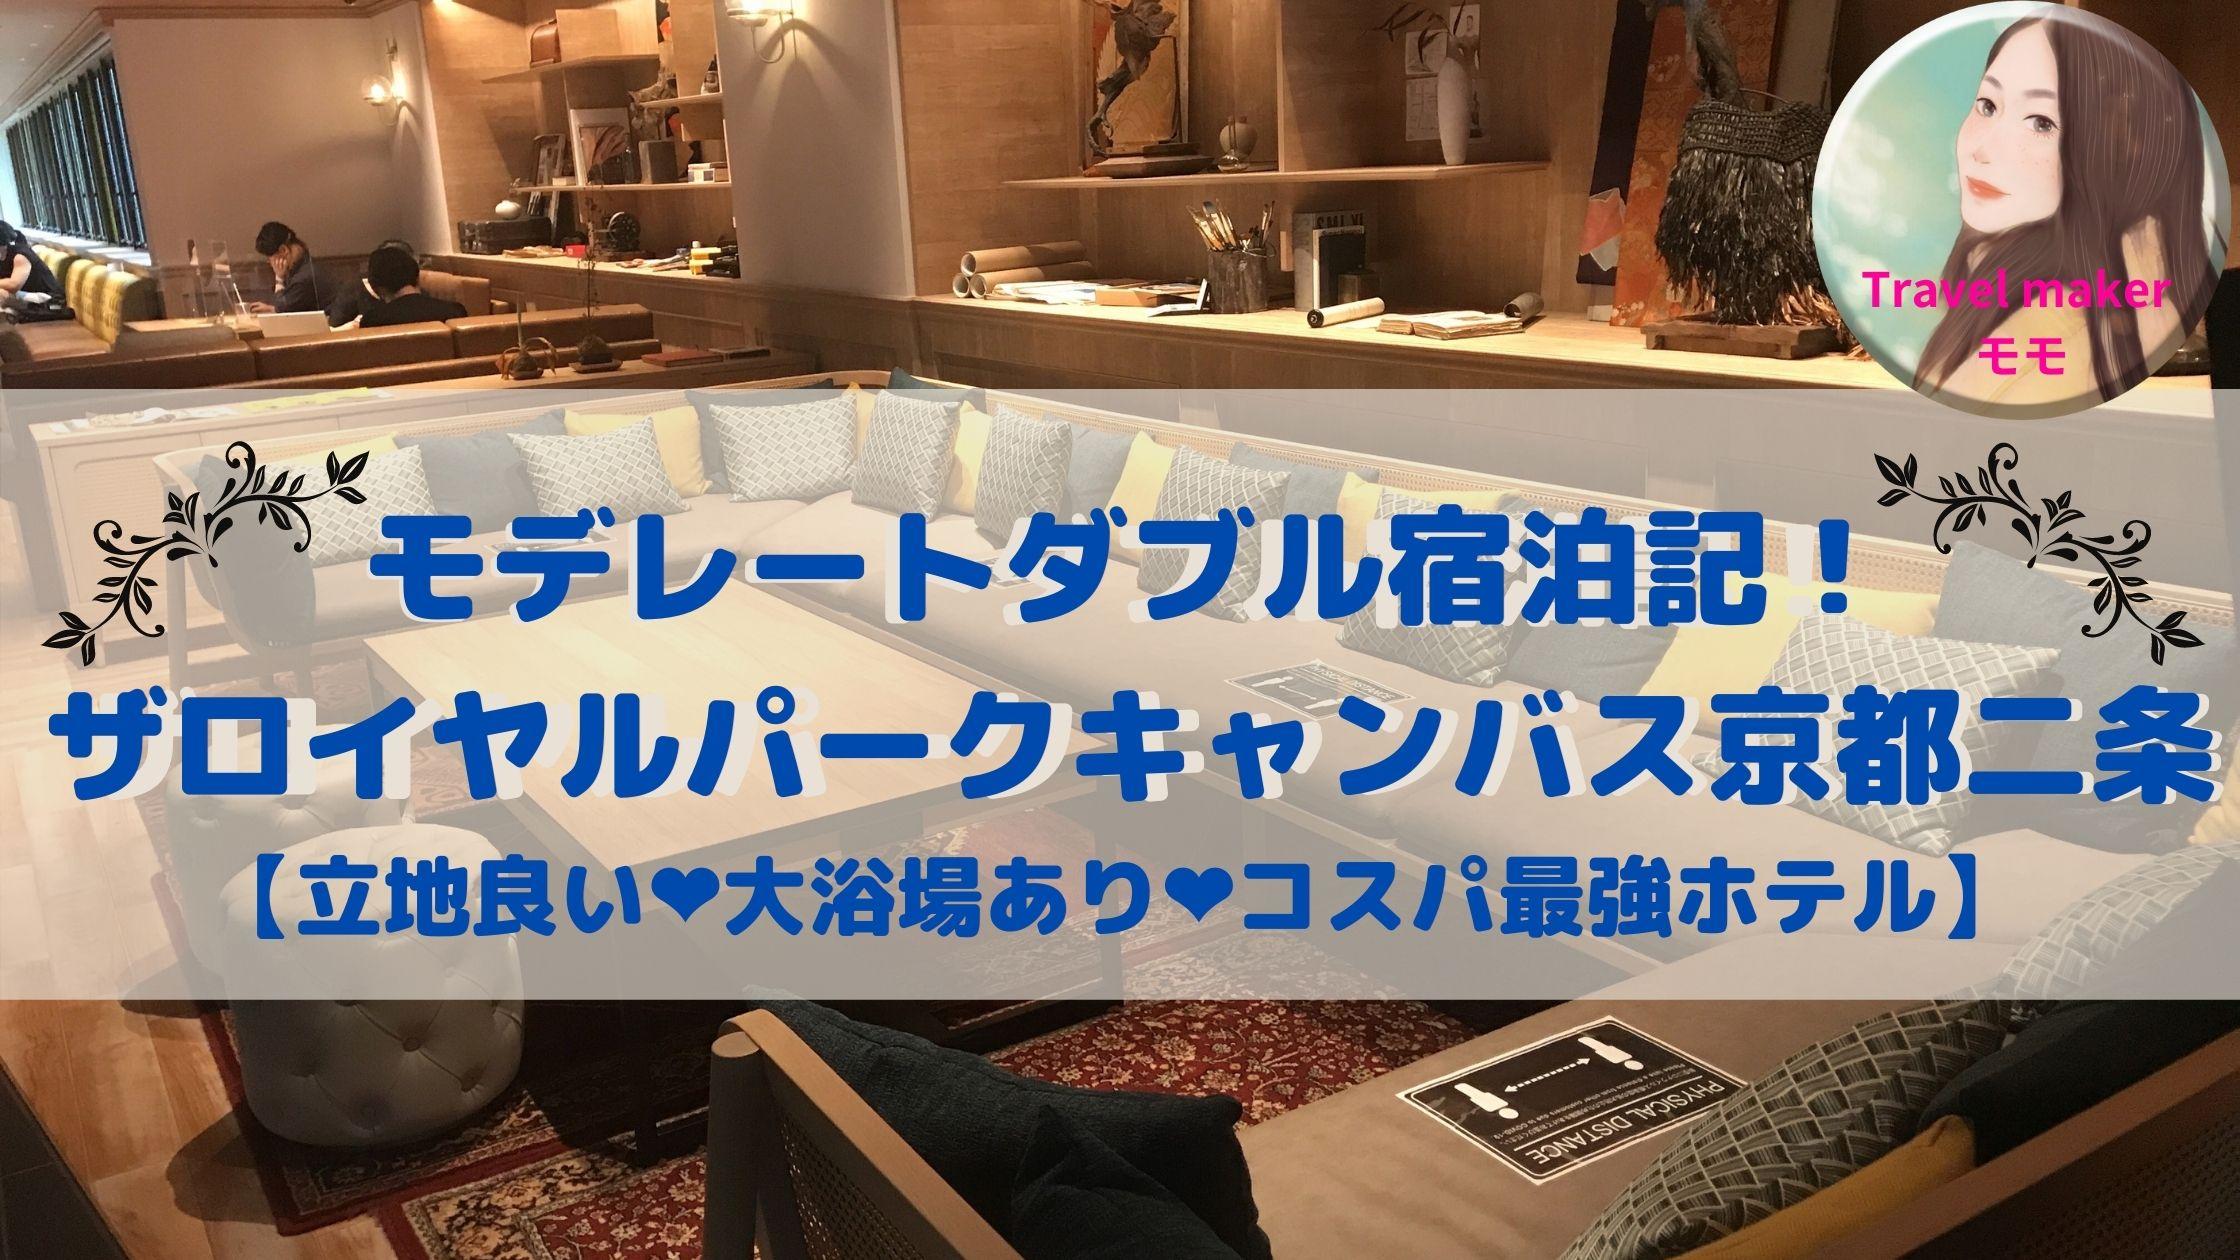 ザロイヤルパークキャンバス京都二条 ブログ 宿泊記